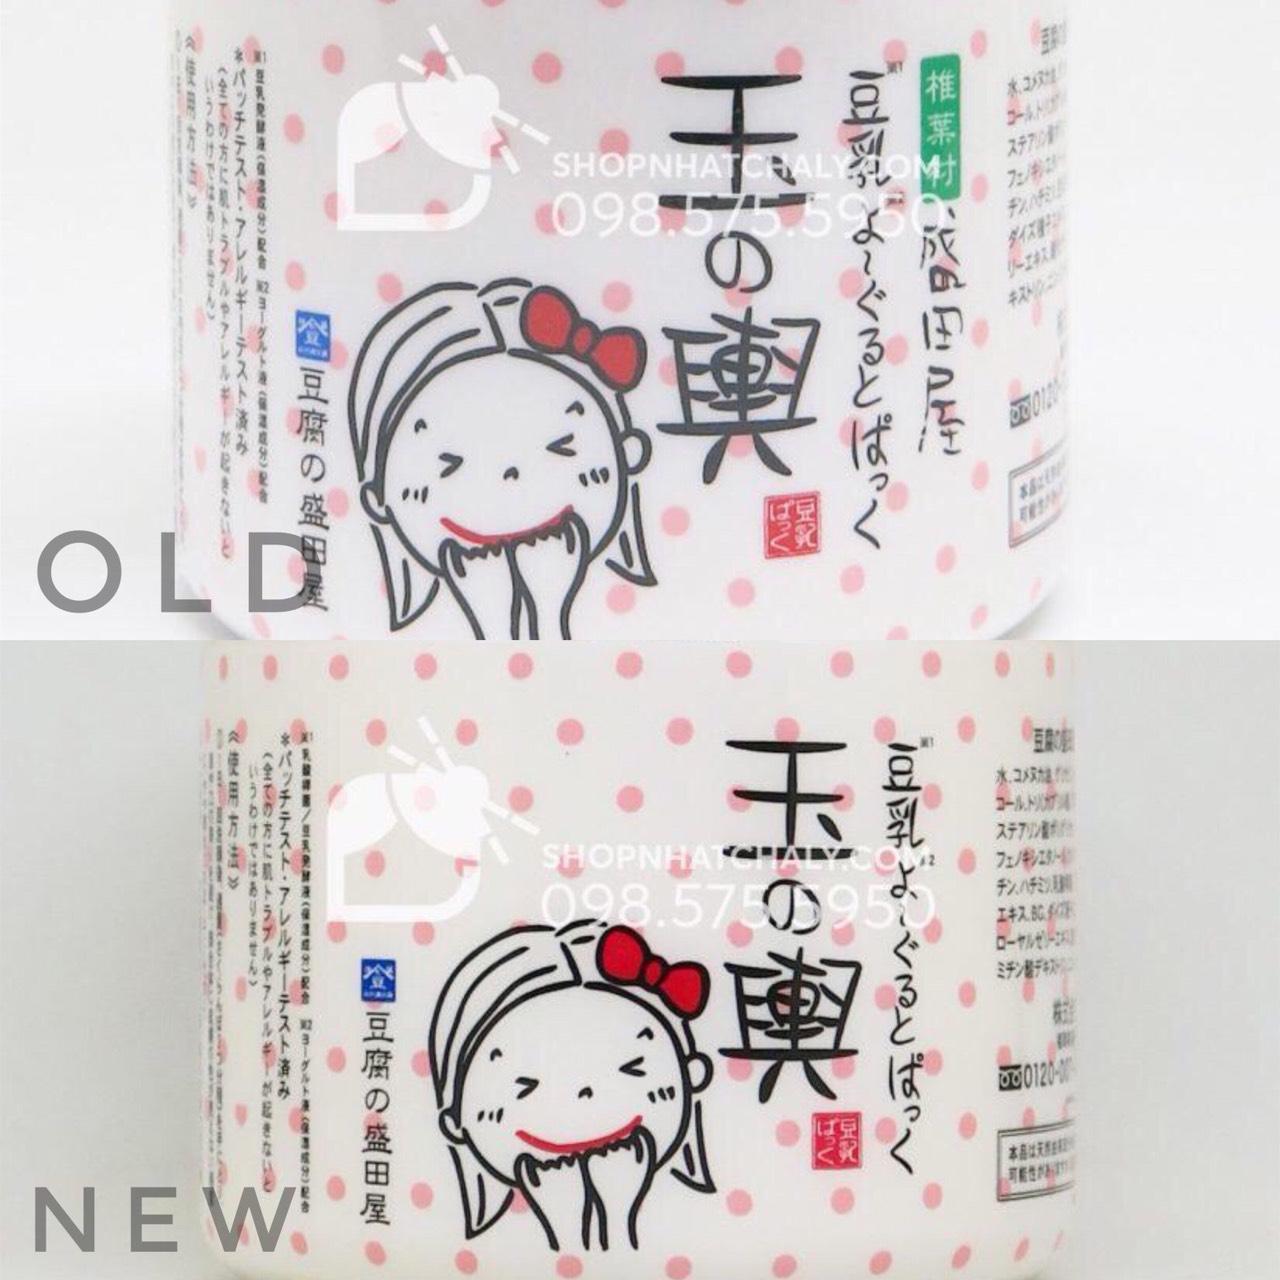 Mặt nạ đậu phụ Nhật Tofu mask mẫu cũ và mẫu mới, mặt ngang. Tag màu xanh lá ghi dòng chữ 椎葉村 không còn nữa. Chấm bi hồng cũng hơi thay đổi về độ đậm nhạt